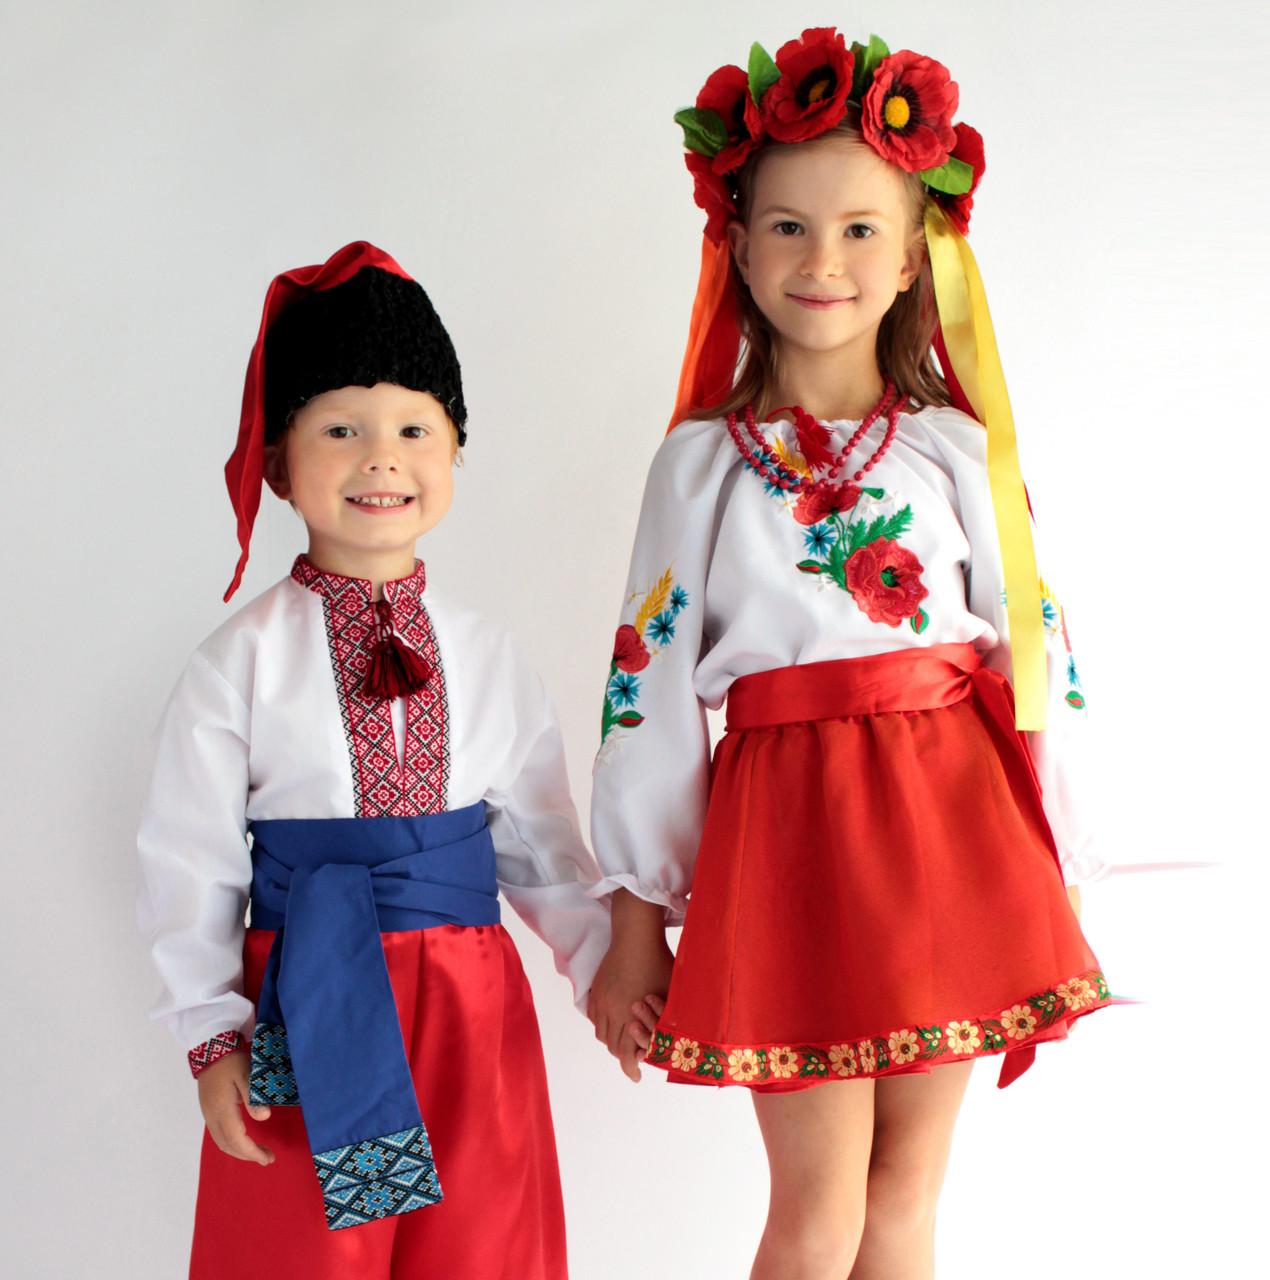 костюмы украинского народа картинки давненько ней ничего